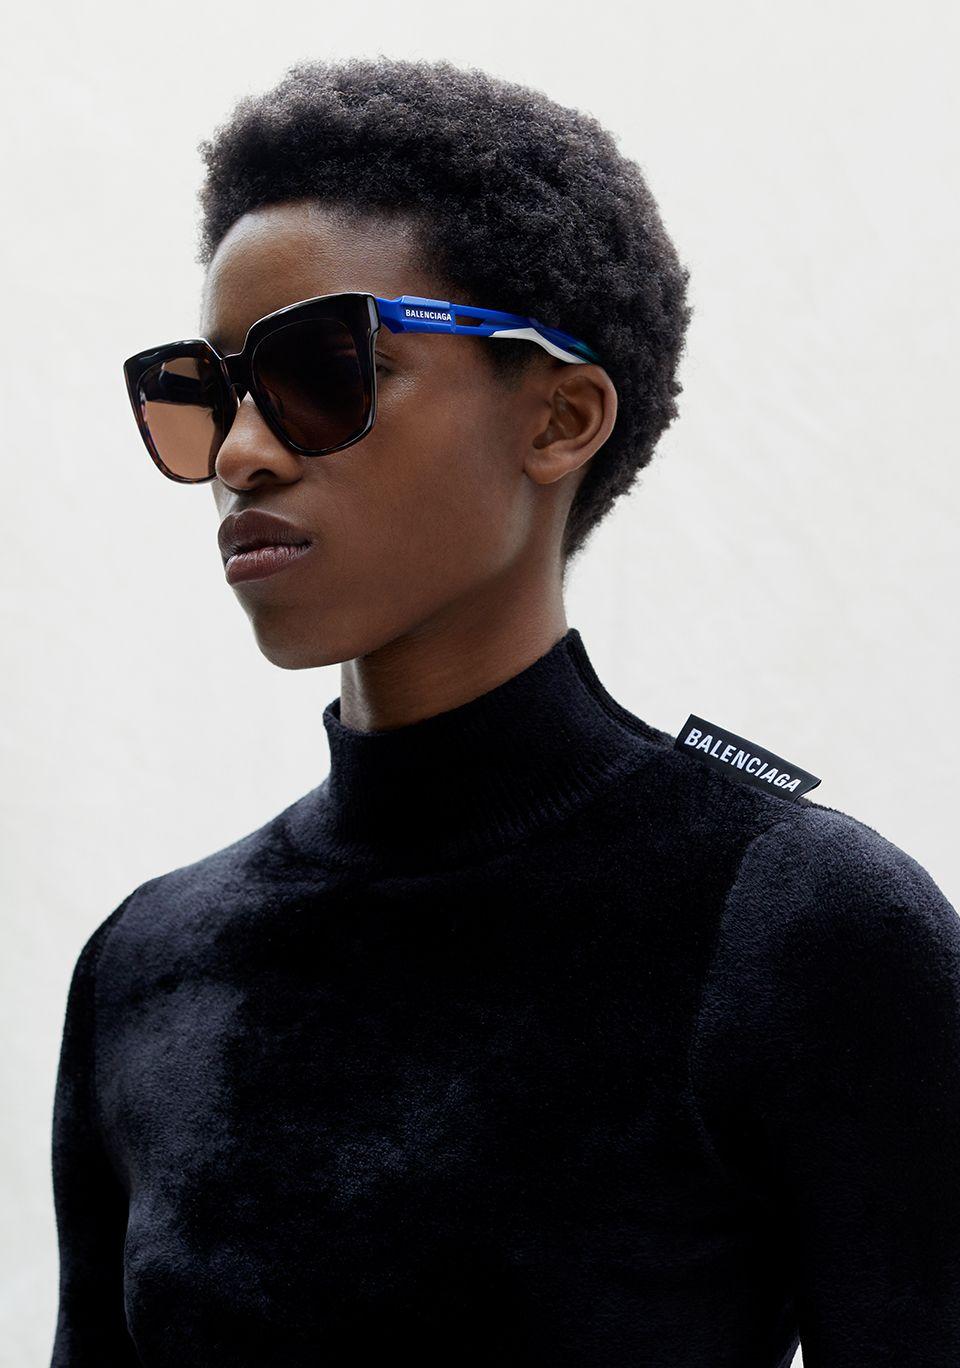 eb38b31cdc89 Women's Designer Fashion | Luxury Designer Clothing | MATCHESFASHION ...